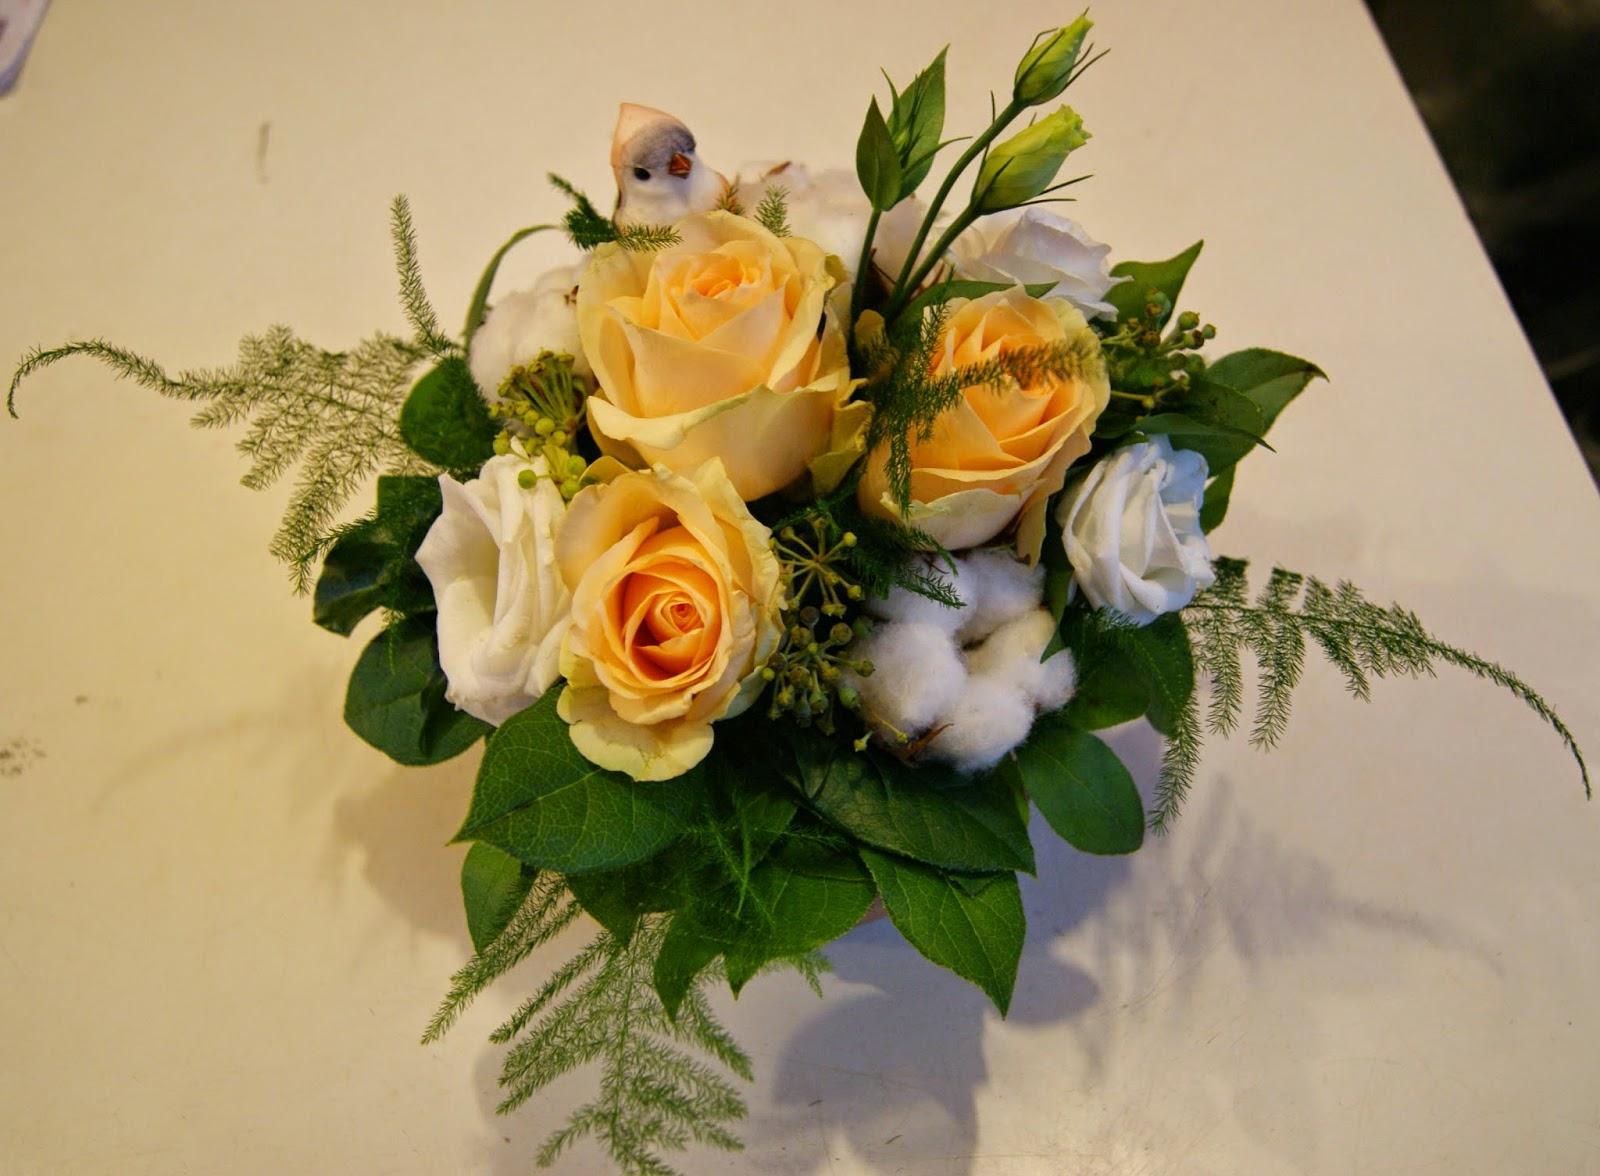 des magnolias sur ma voie lact e compositions florales de la semaine. Black Bedroom Furniture Sets. Home Design Ideas